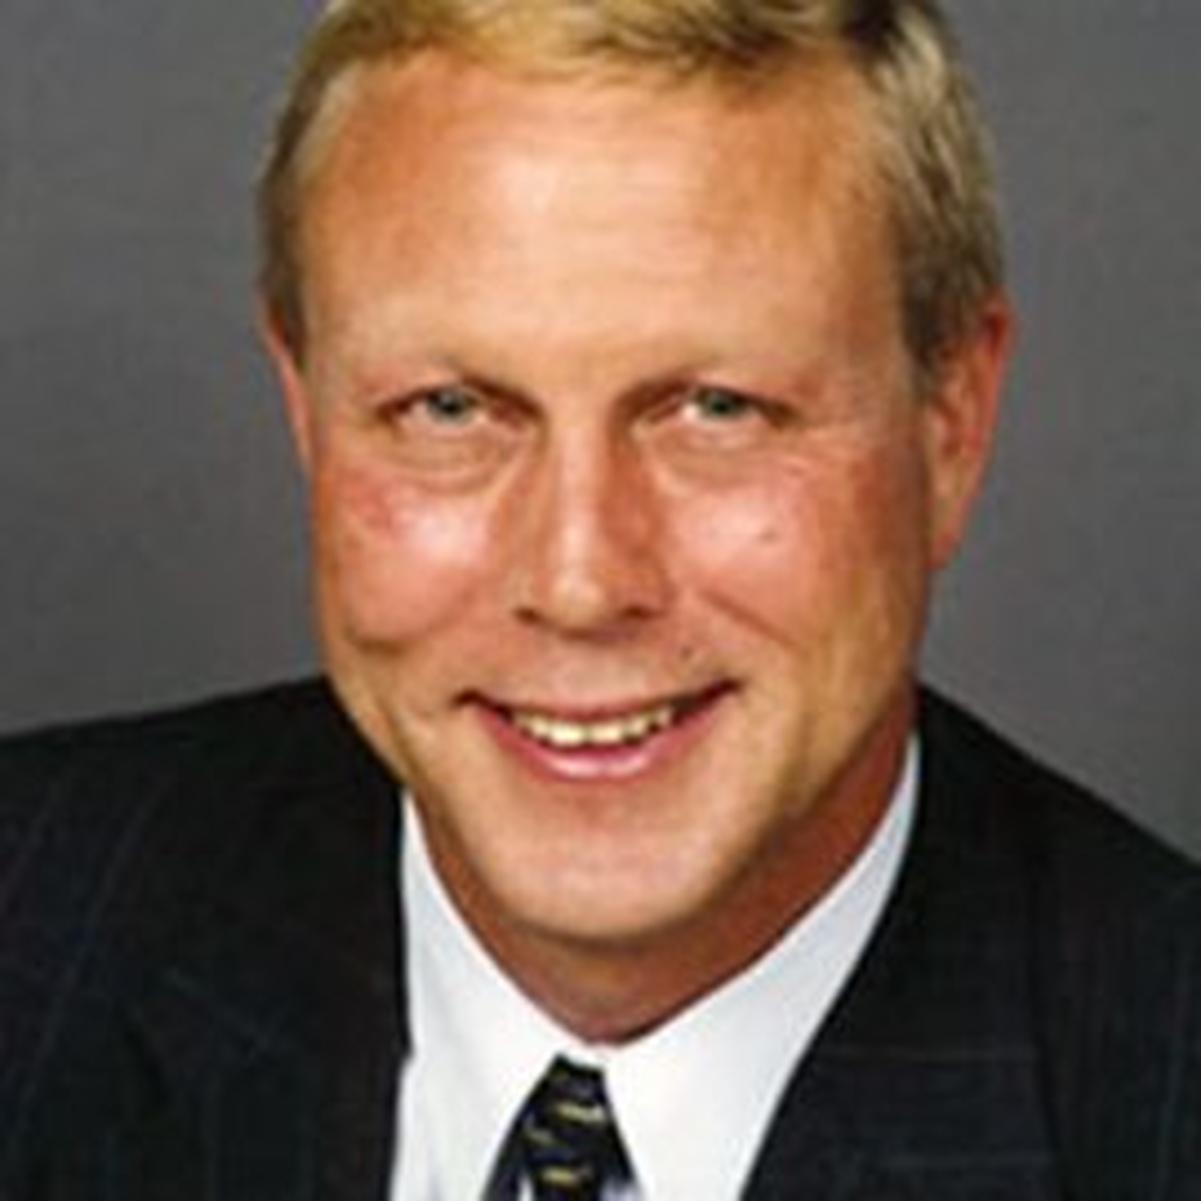 Stephen Hoel